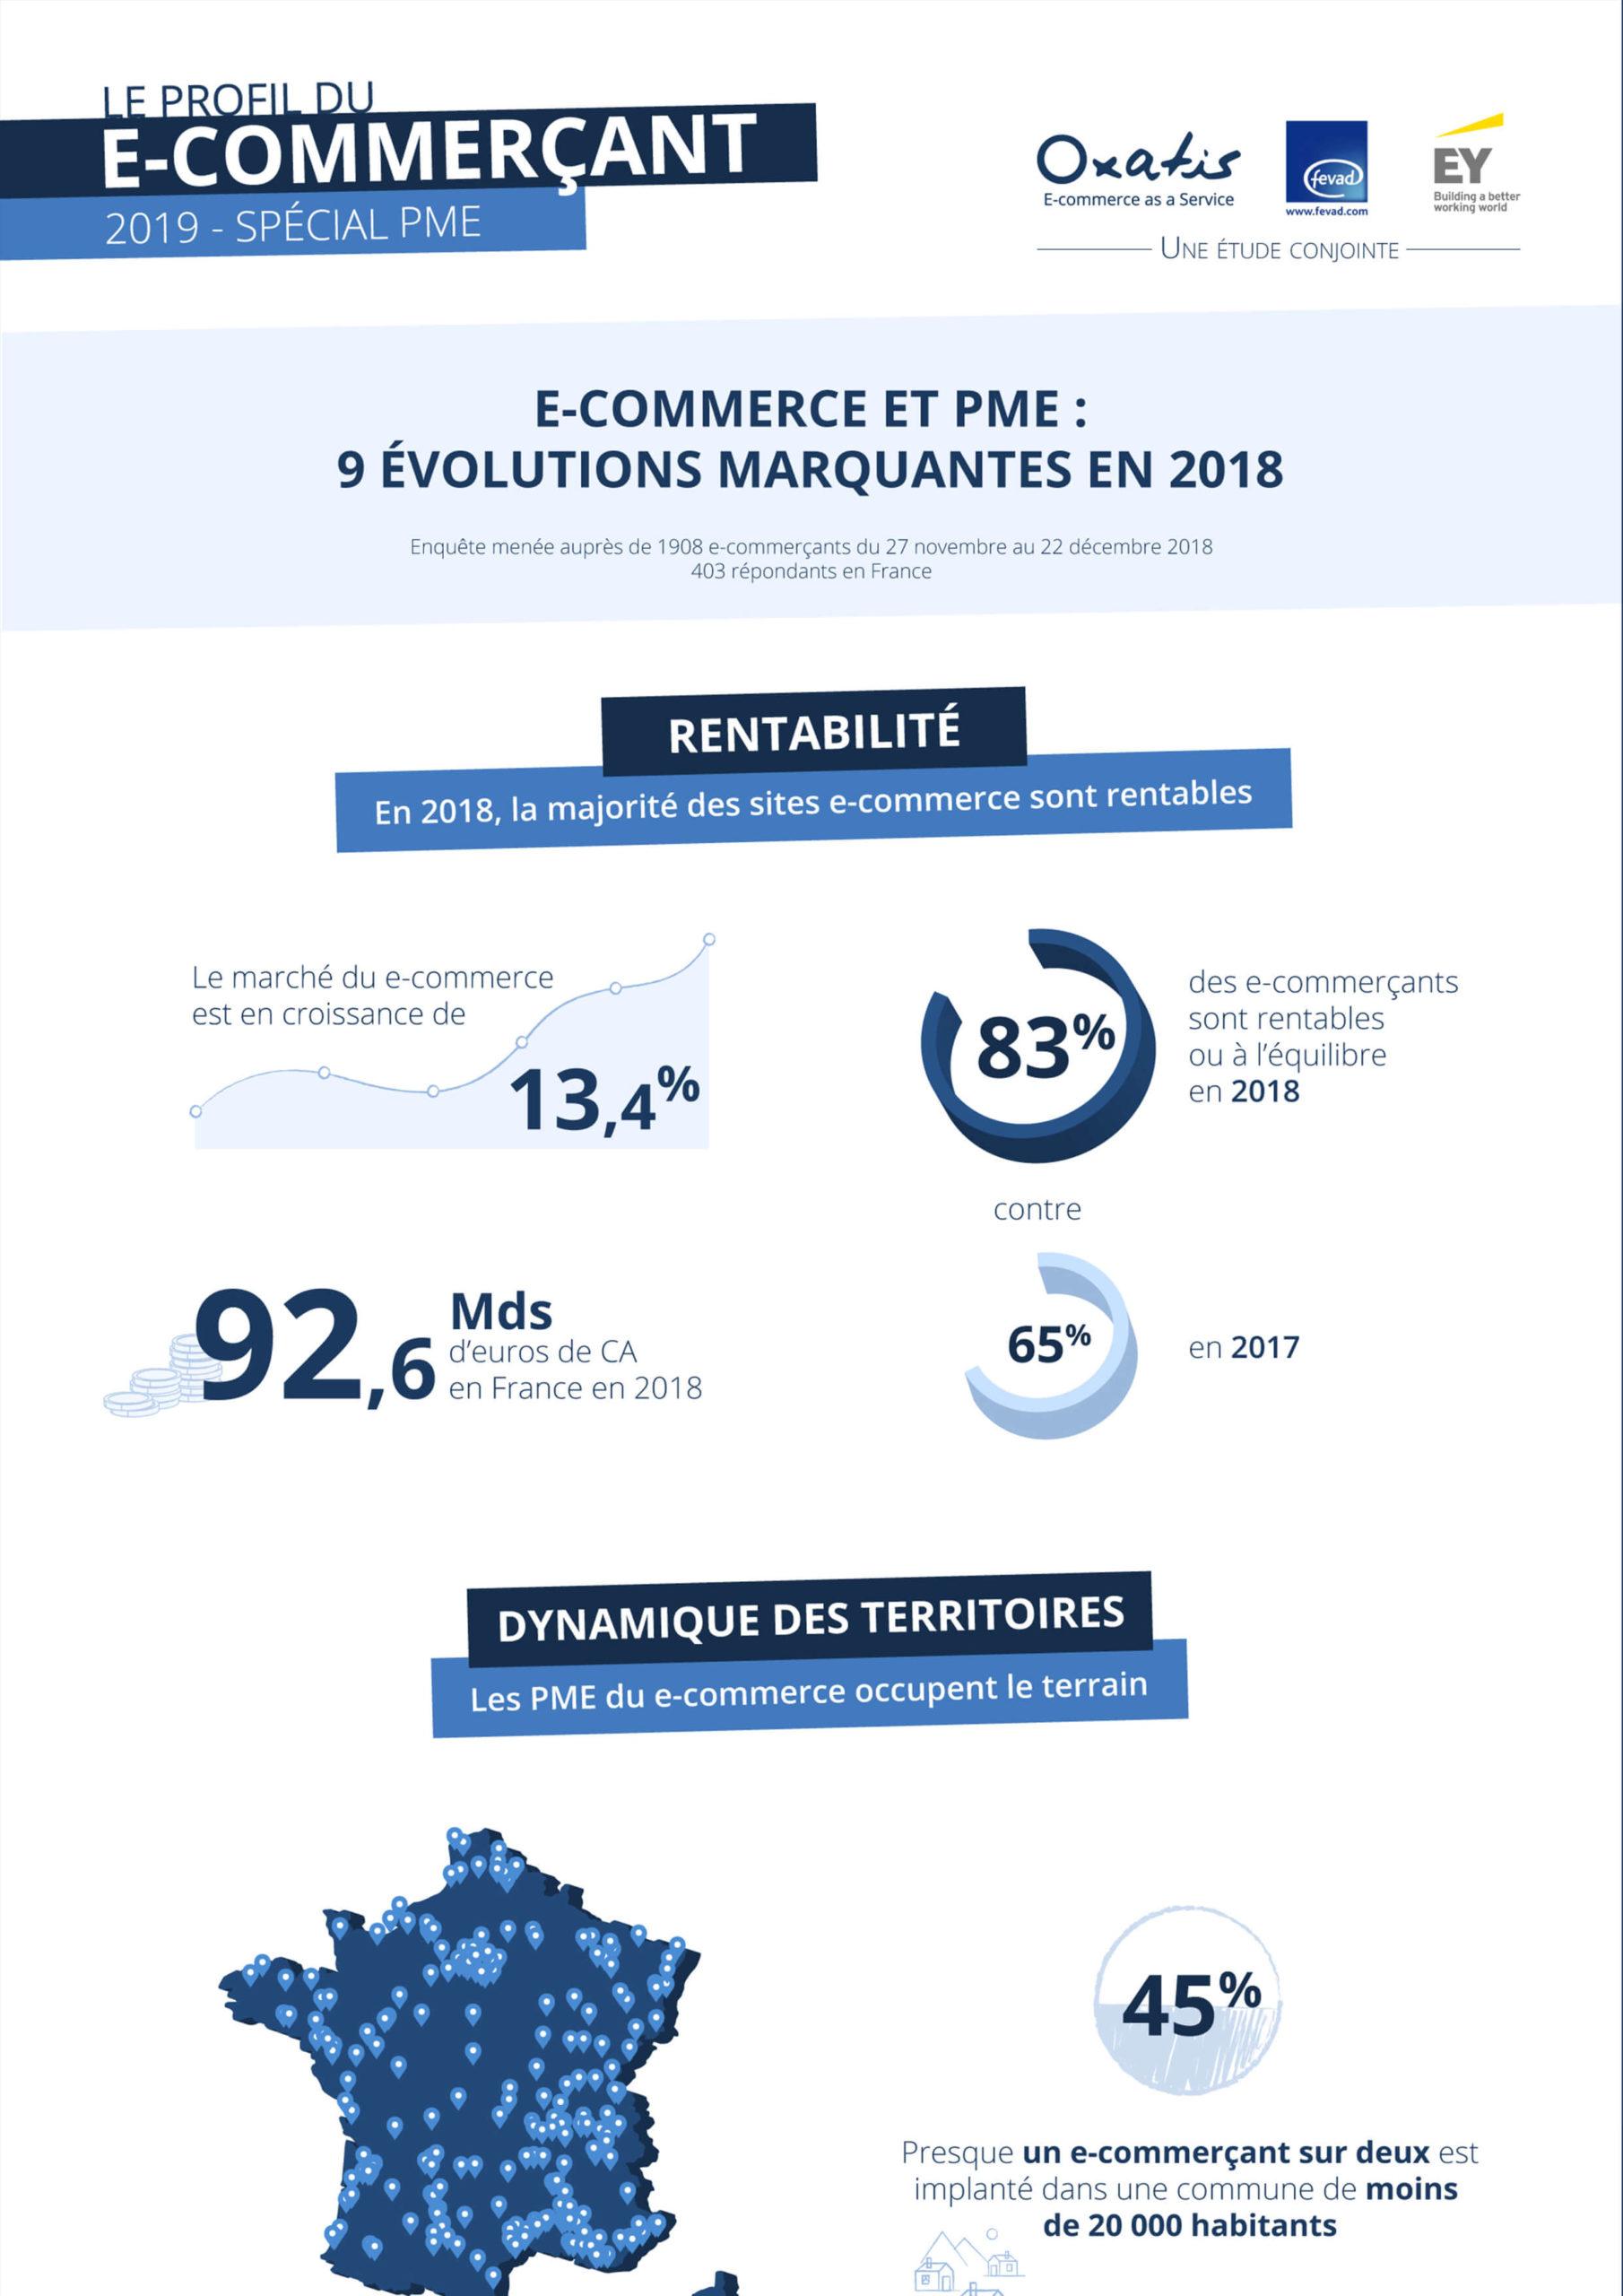 Etude e-Commerce : Profil du e-Commerçant Oxatis 2019